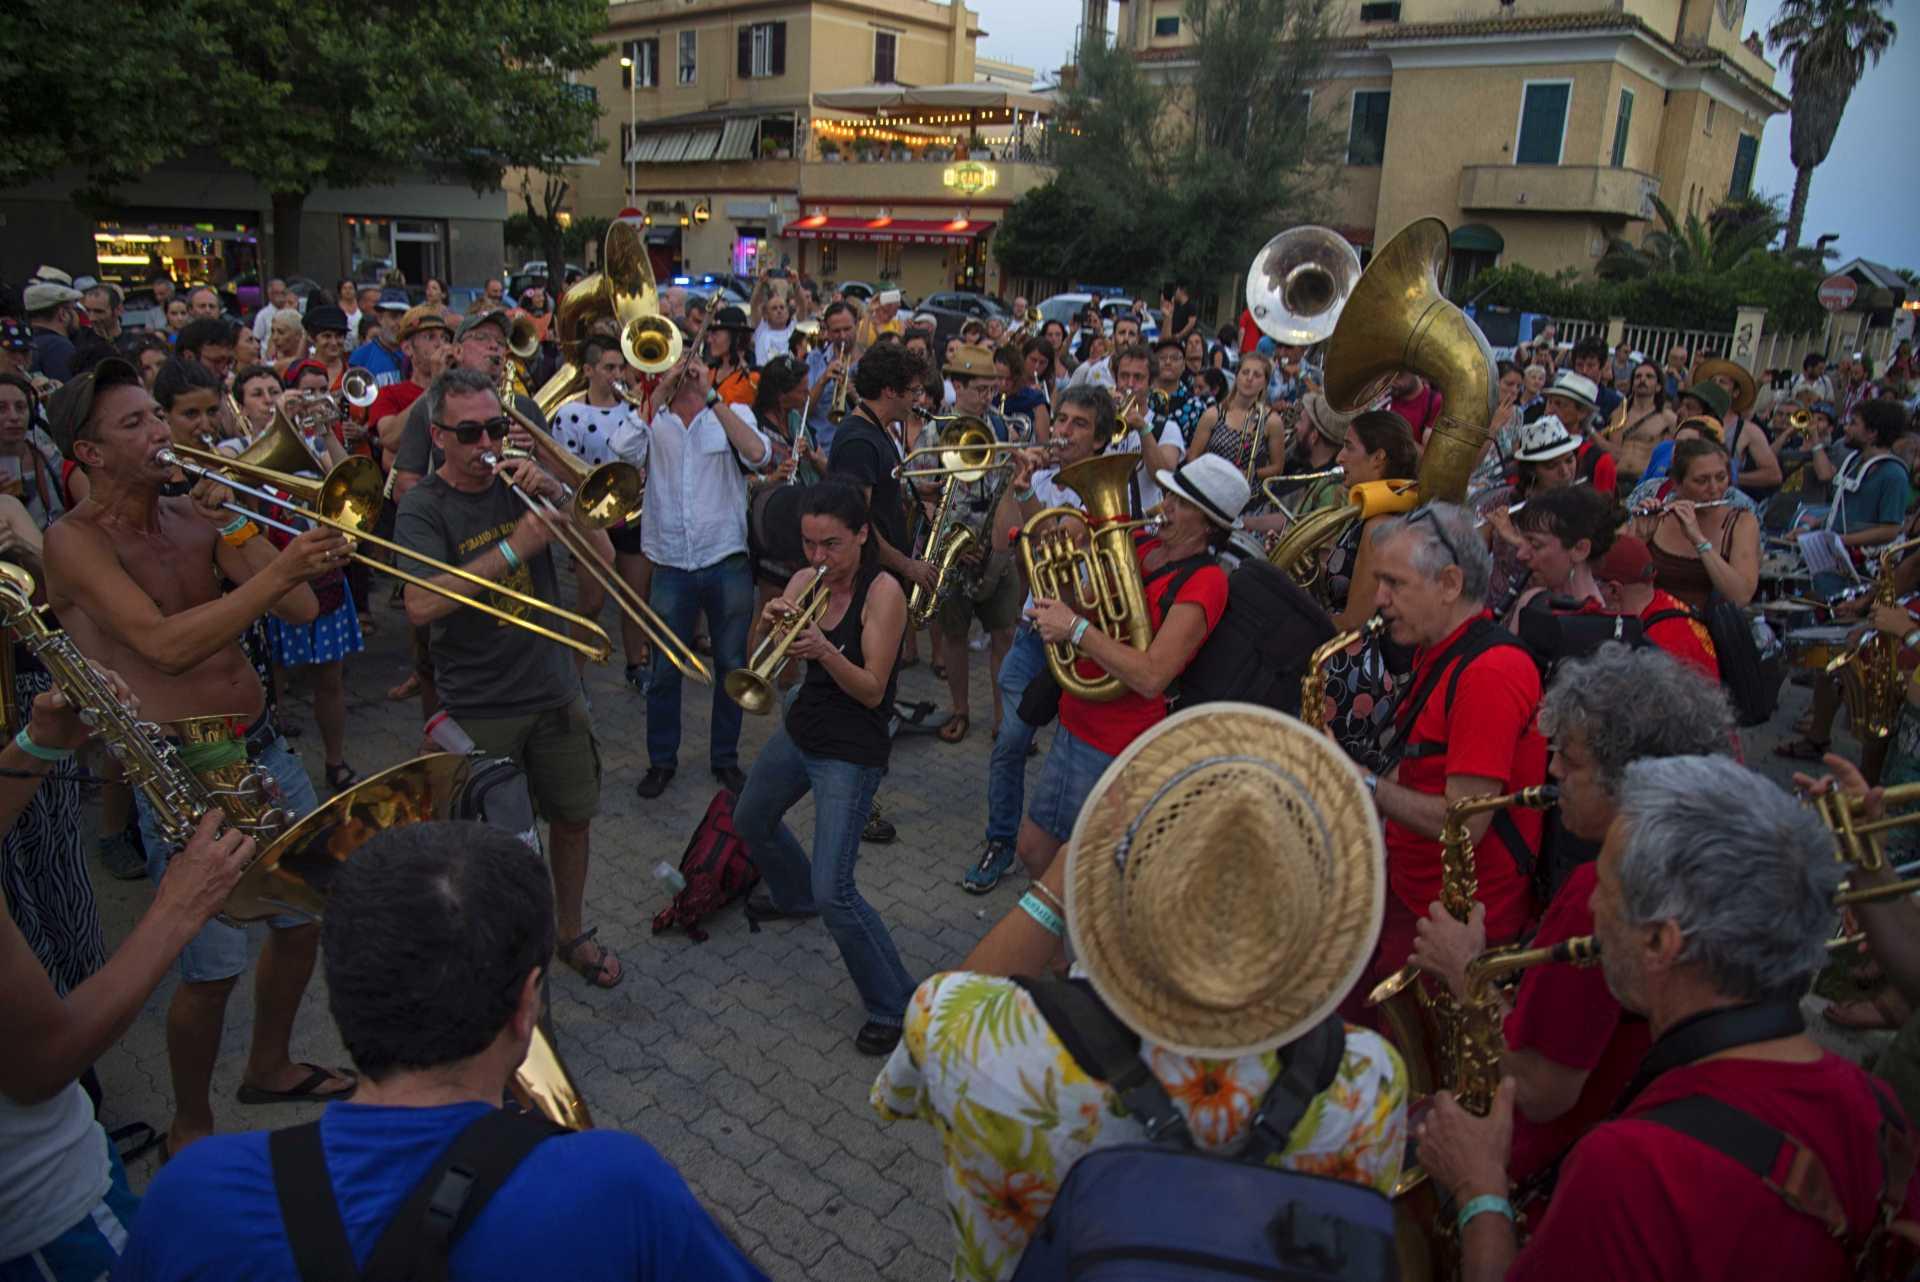 5° Sbandata Romana, Festival Internazionale delle bande di strada